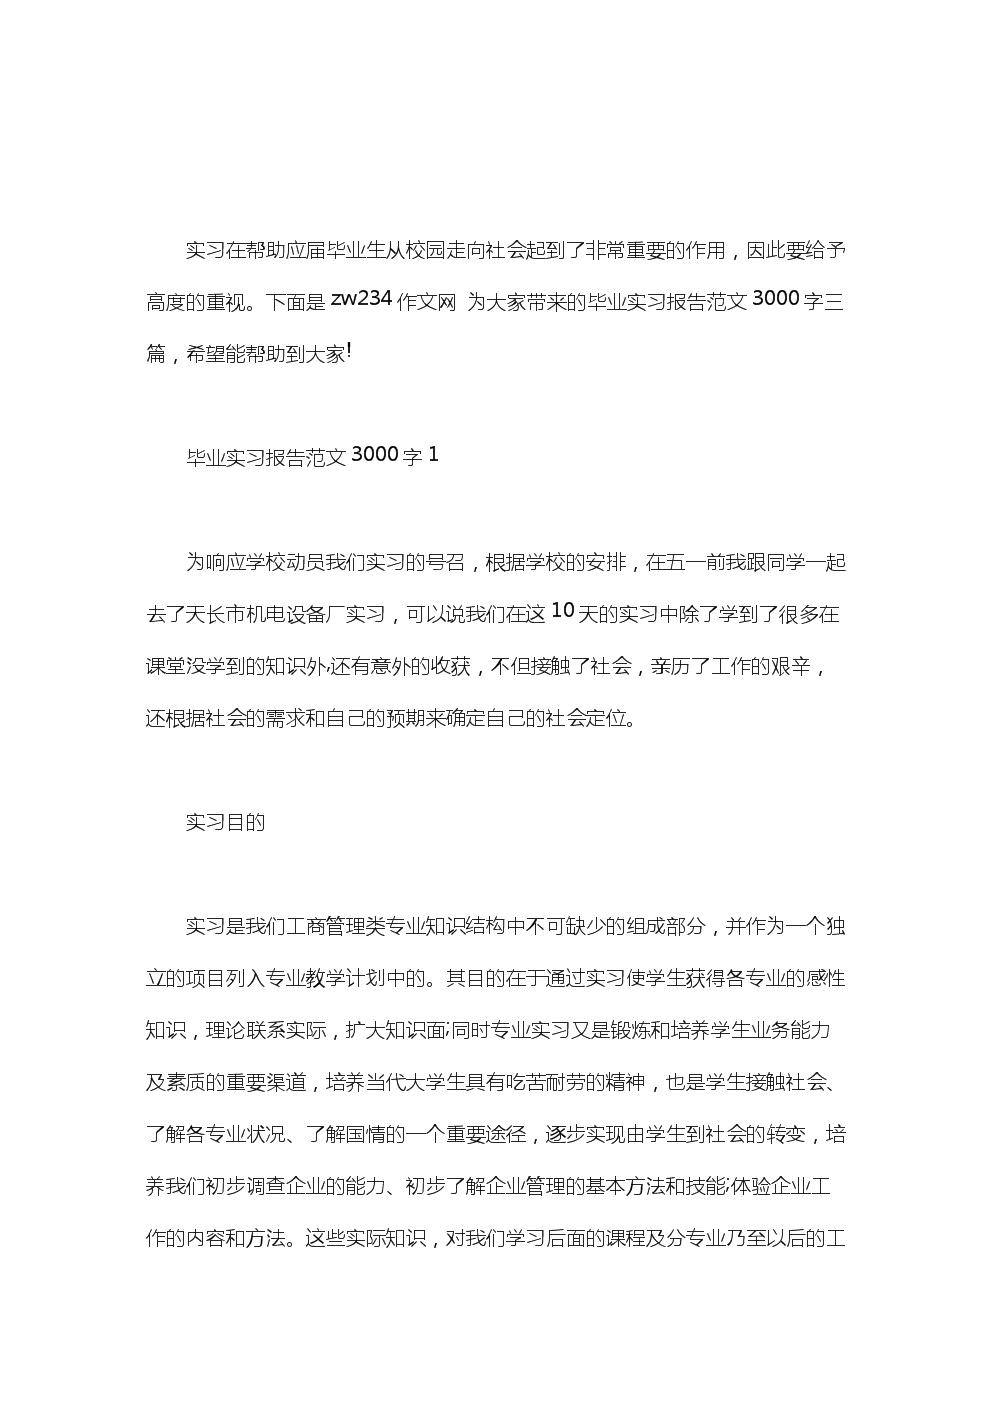 毕业实习报告范文3000字三篇.doc